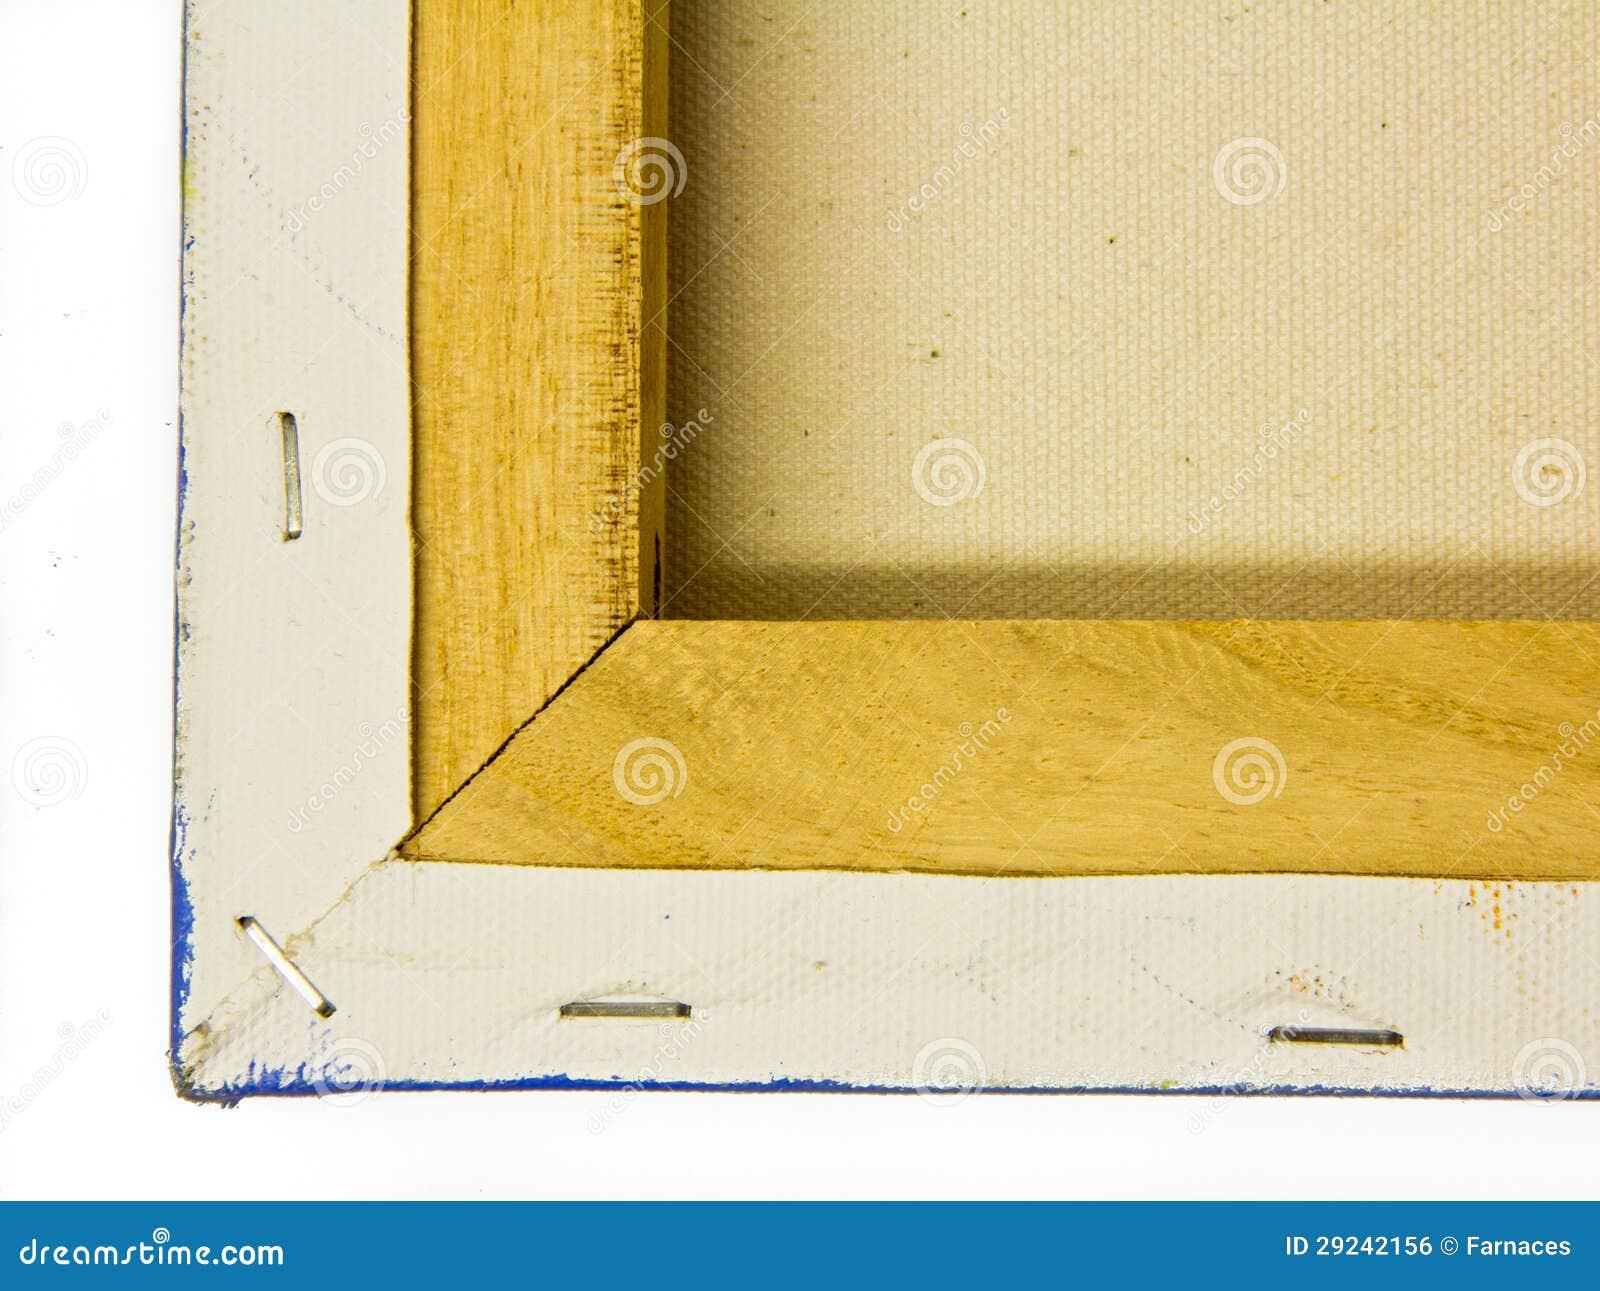 Download Quadro da lona foto de stock. Imagem de papel, quadro - 29242156